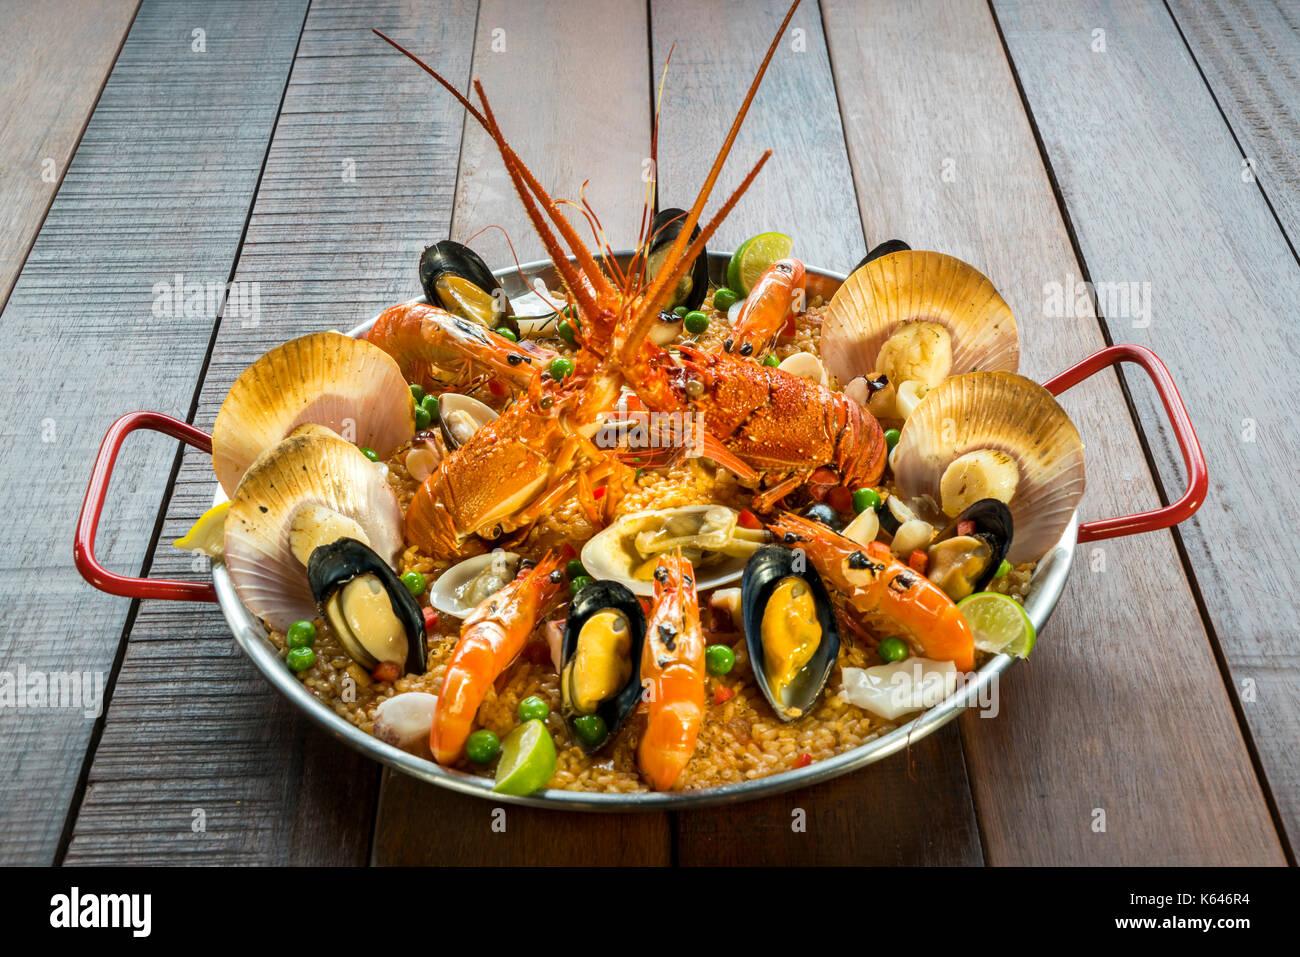 Gourmet Meeresfrüchte Valencia Paella mit frischen Scampi, Muscheln, Muscheln und Tintenfisch auf herzhafte Safran Reis mit Garnelen, scollops, Muscheln und Kalk schichten, Stockbild